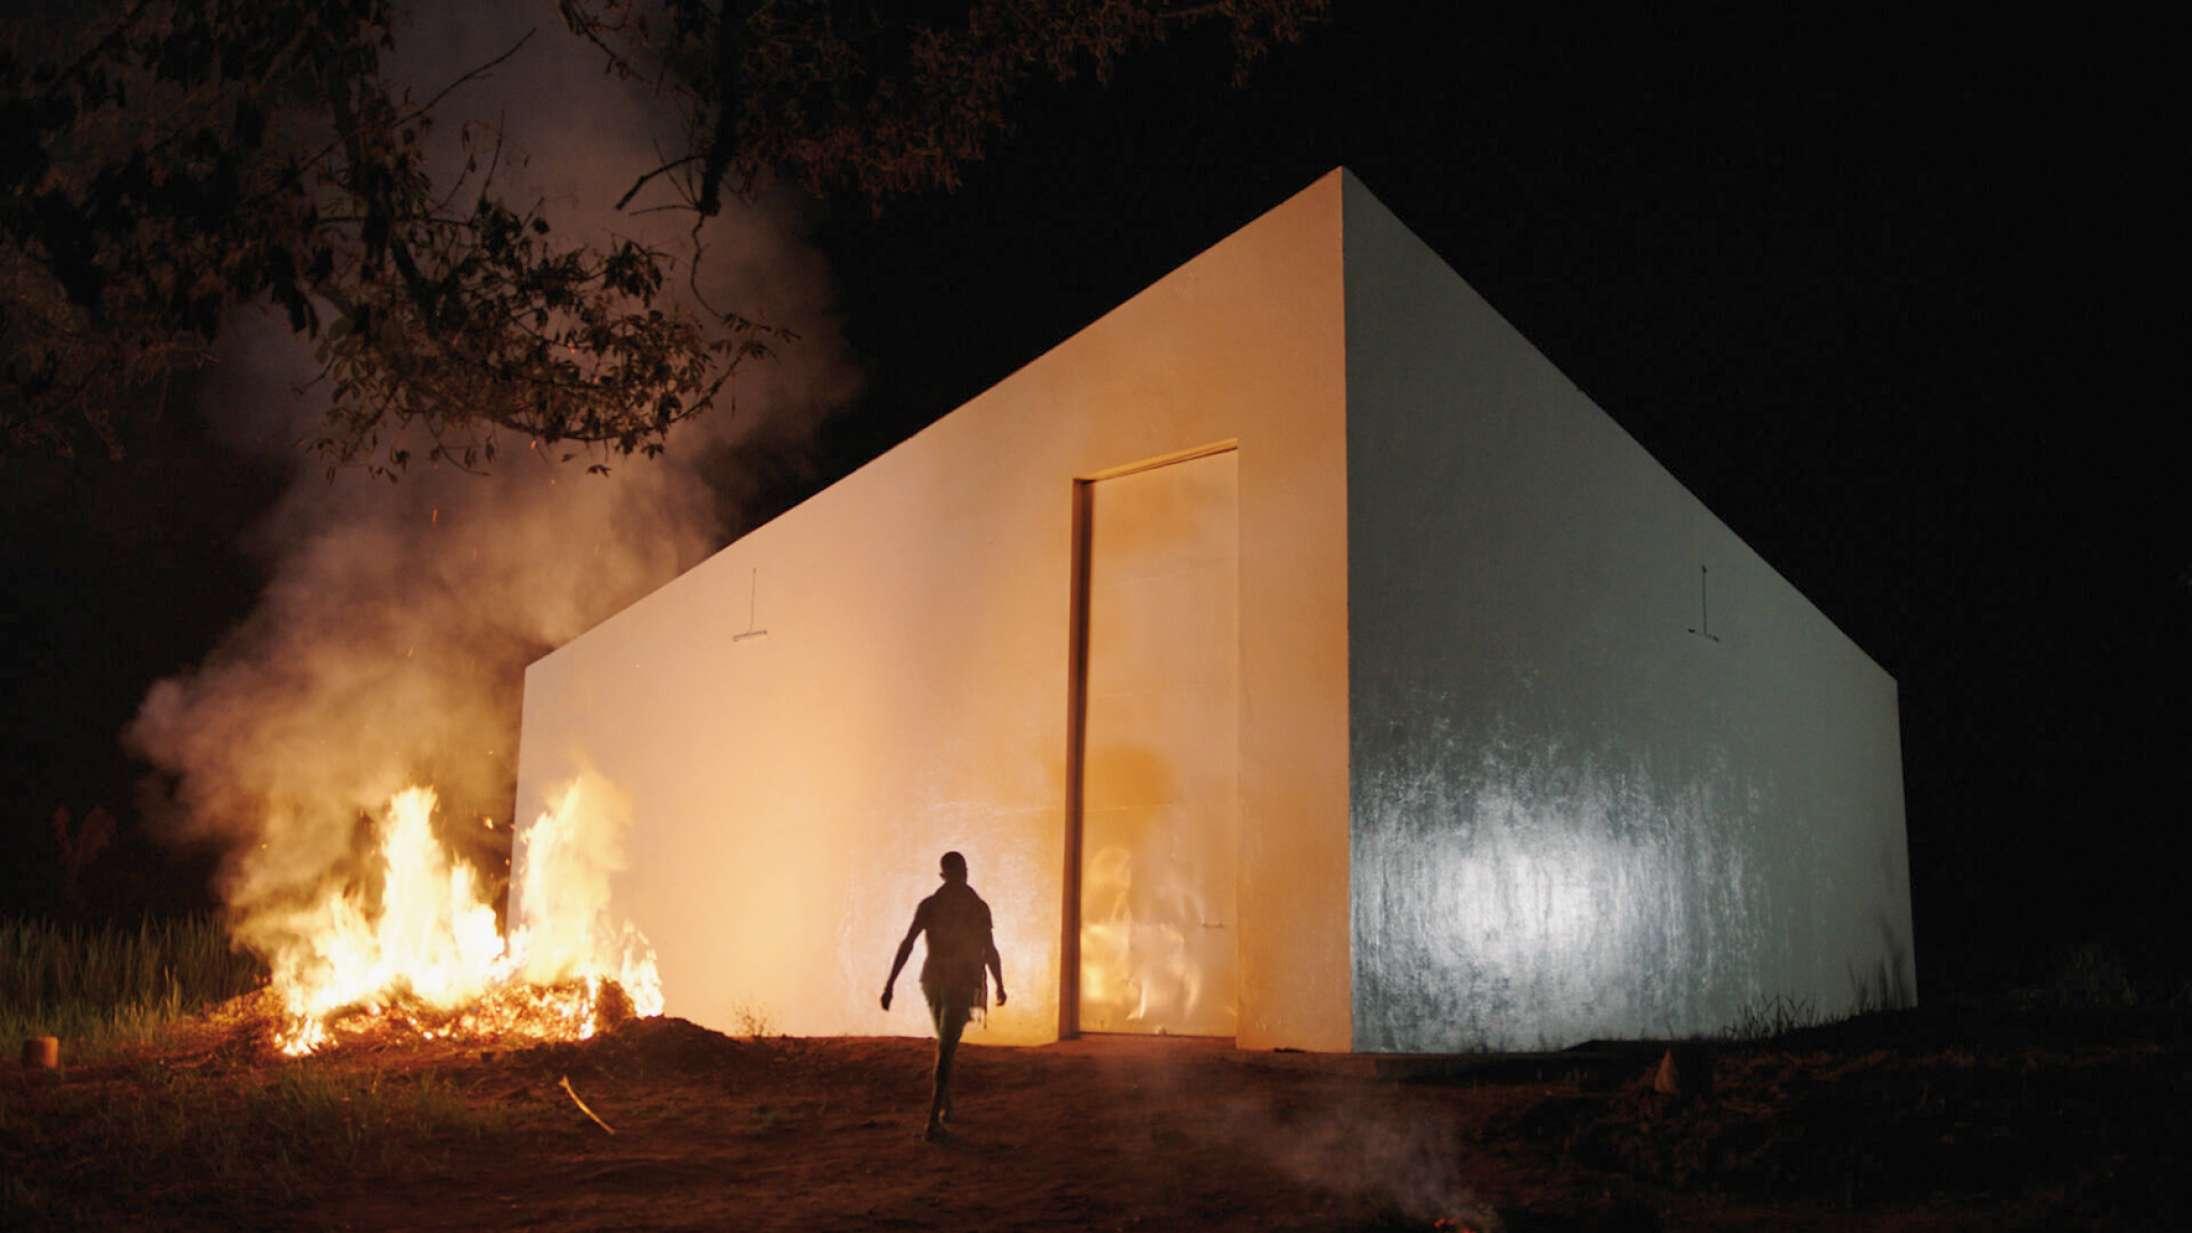 'White Cube': Congolesiske arbejdere sælger kunst til vesten i tankevækkende dokumentar